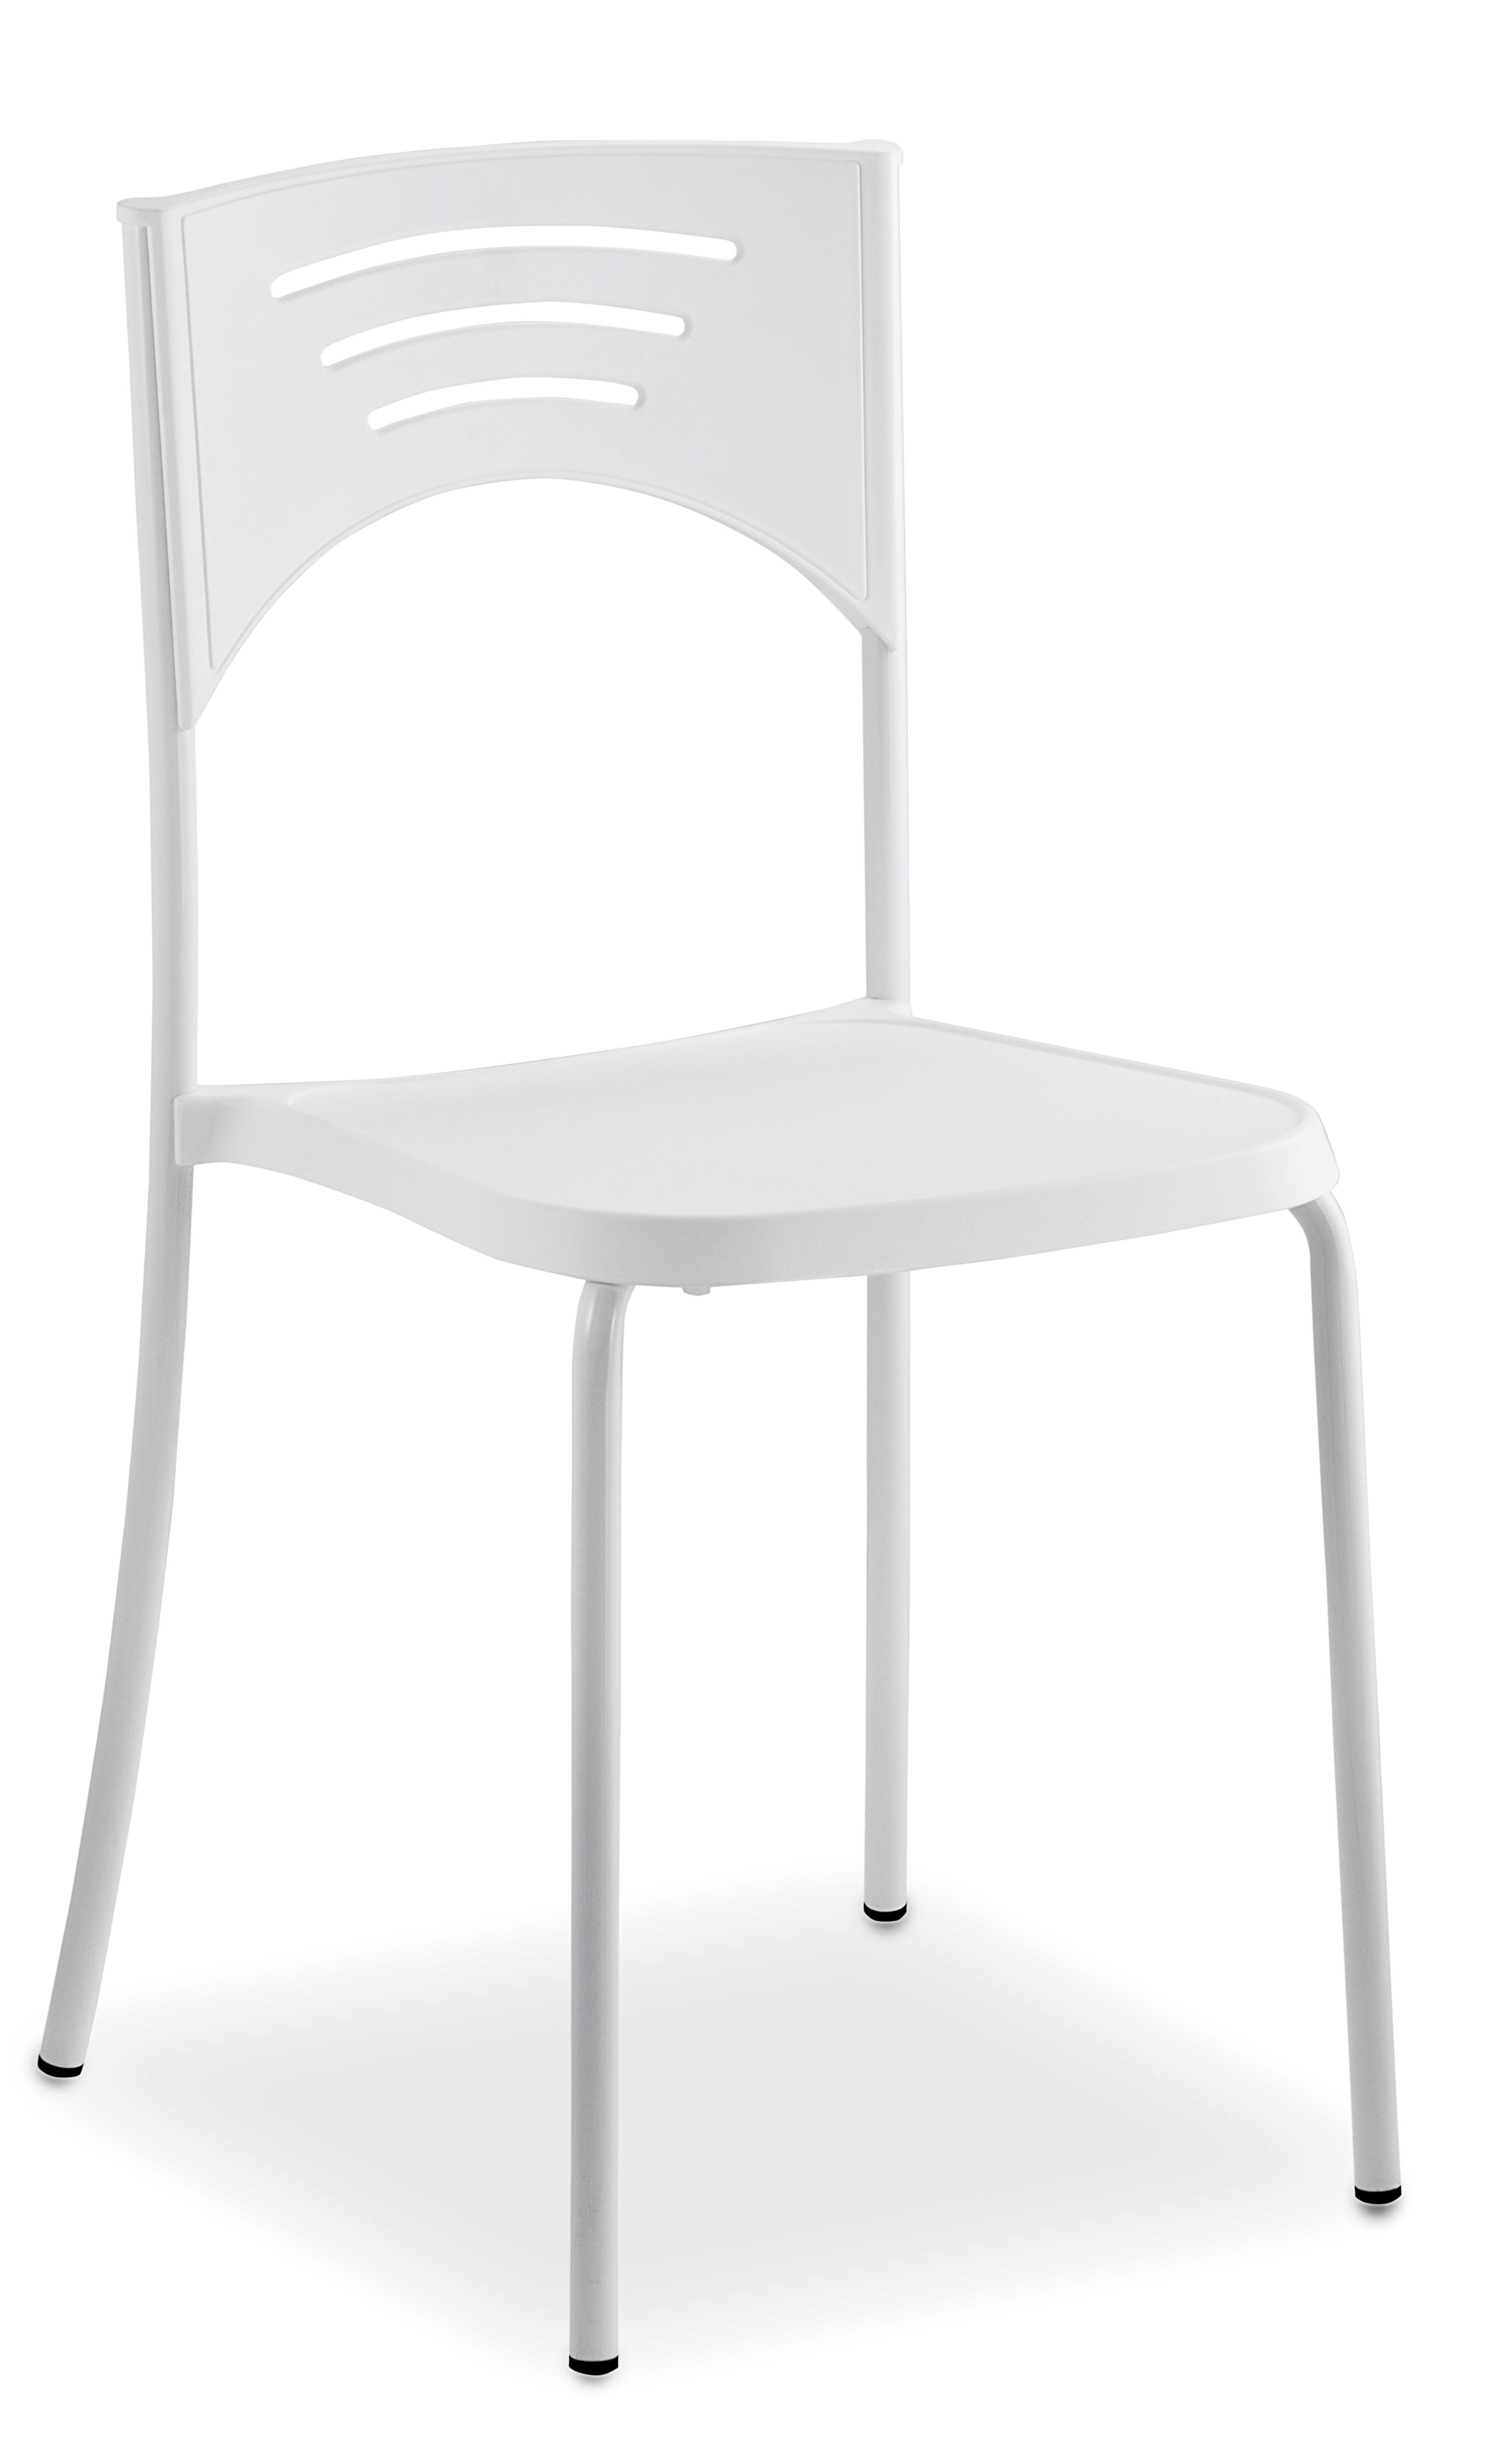 Sedia bianca in plastica e metallo impilabile linus for Sedia plastica bianca